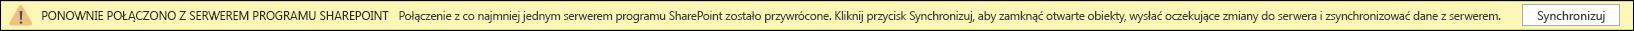 Kliknij przycisk Synchronizuj, aby ponownie nawiązać połączenie z serwerem programu SharePoint.